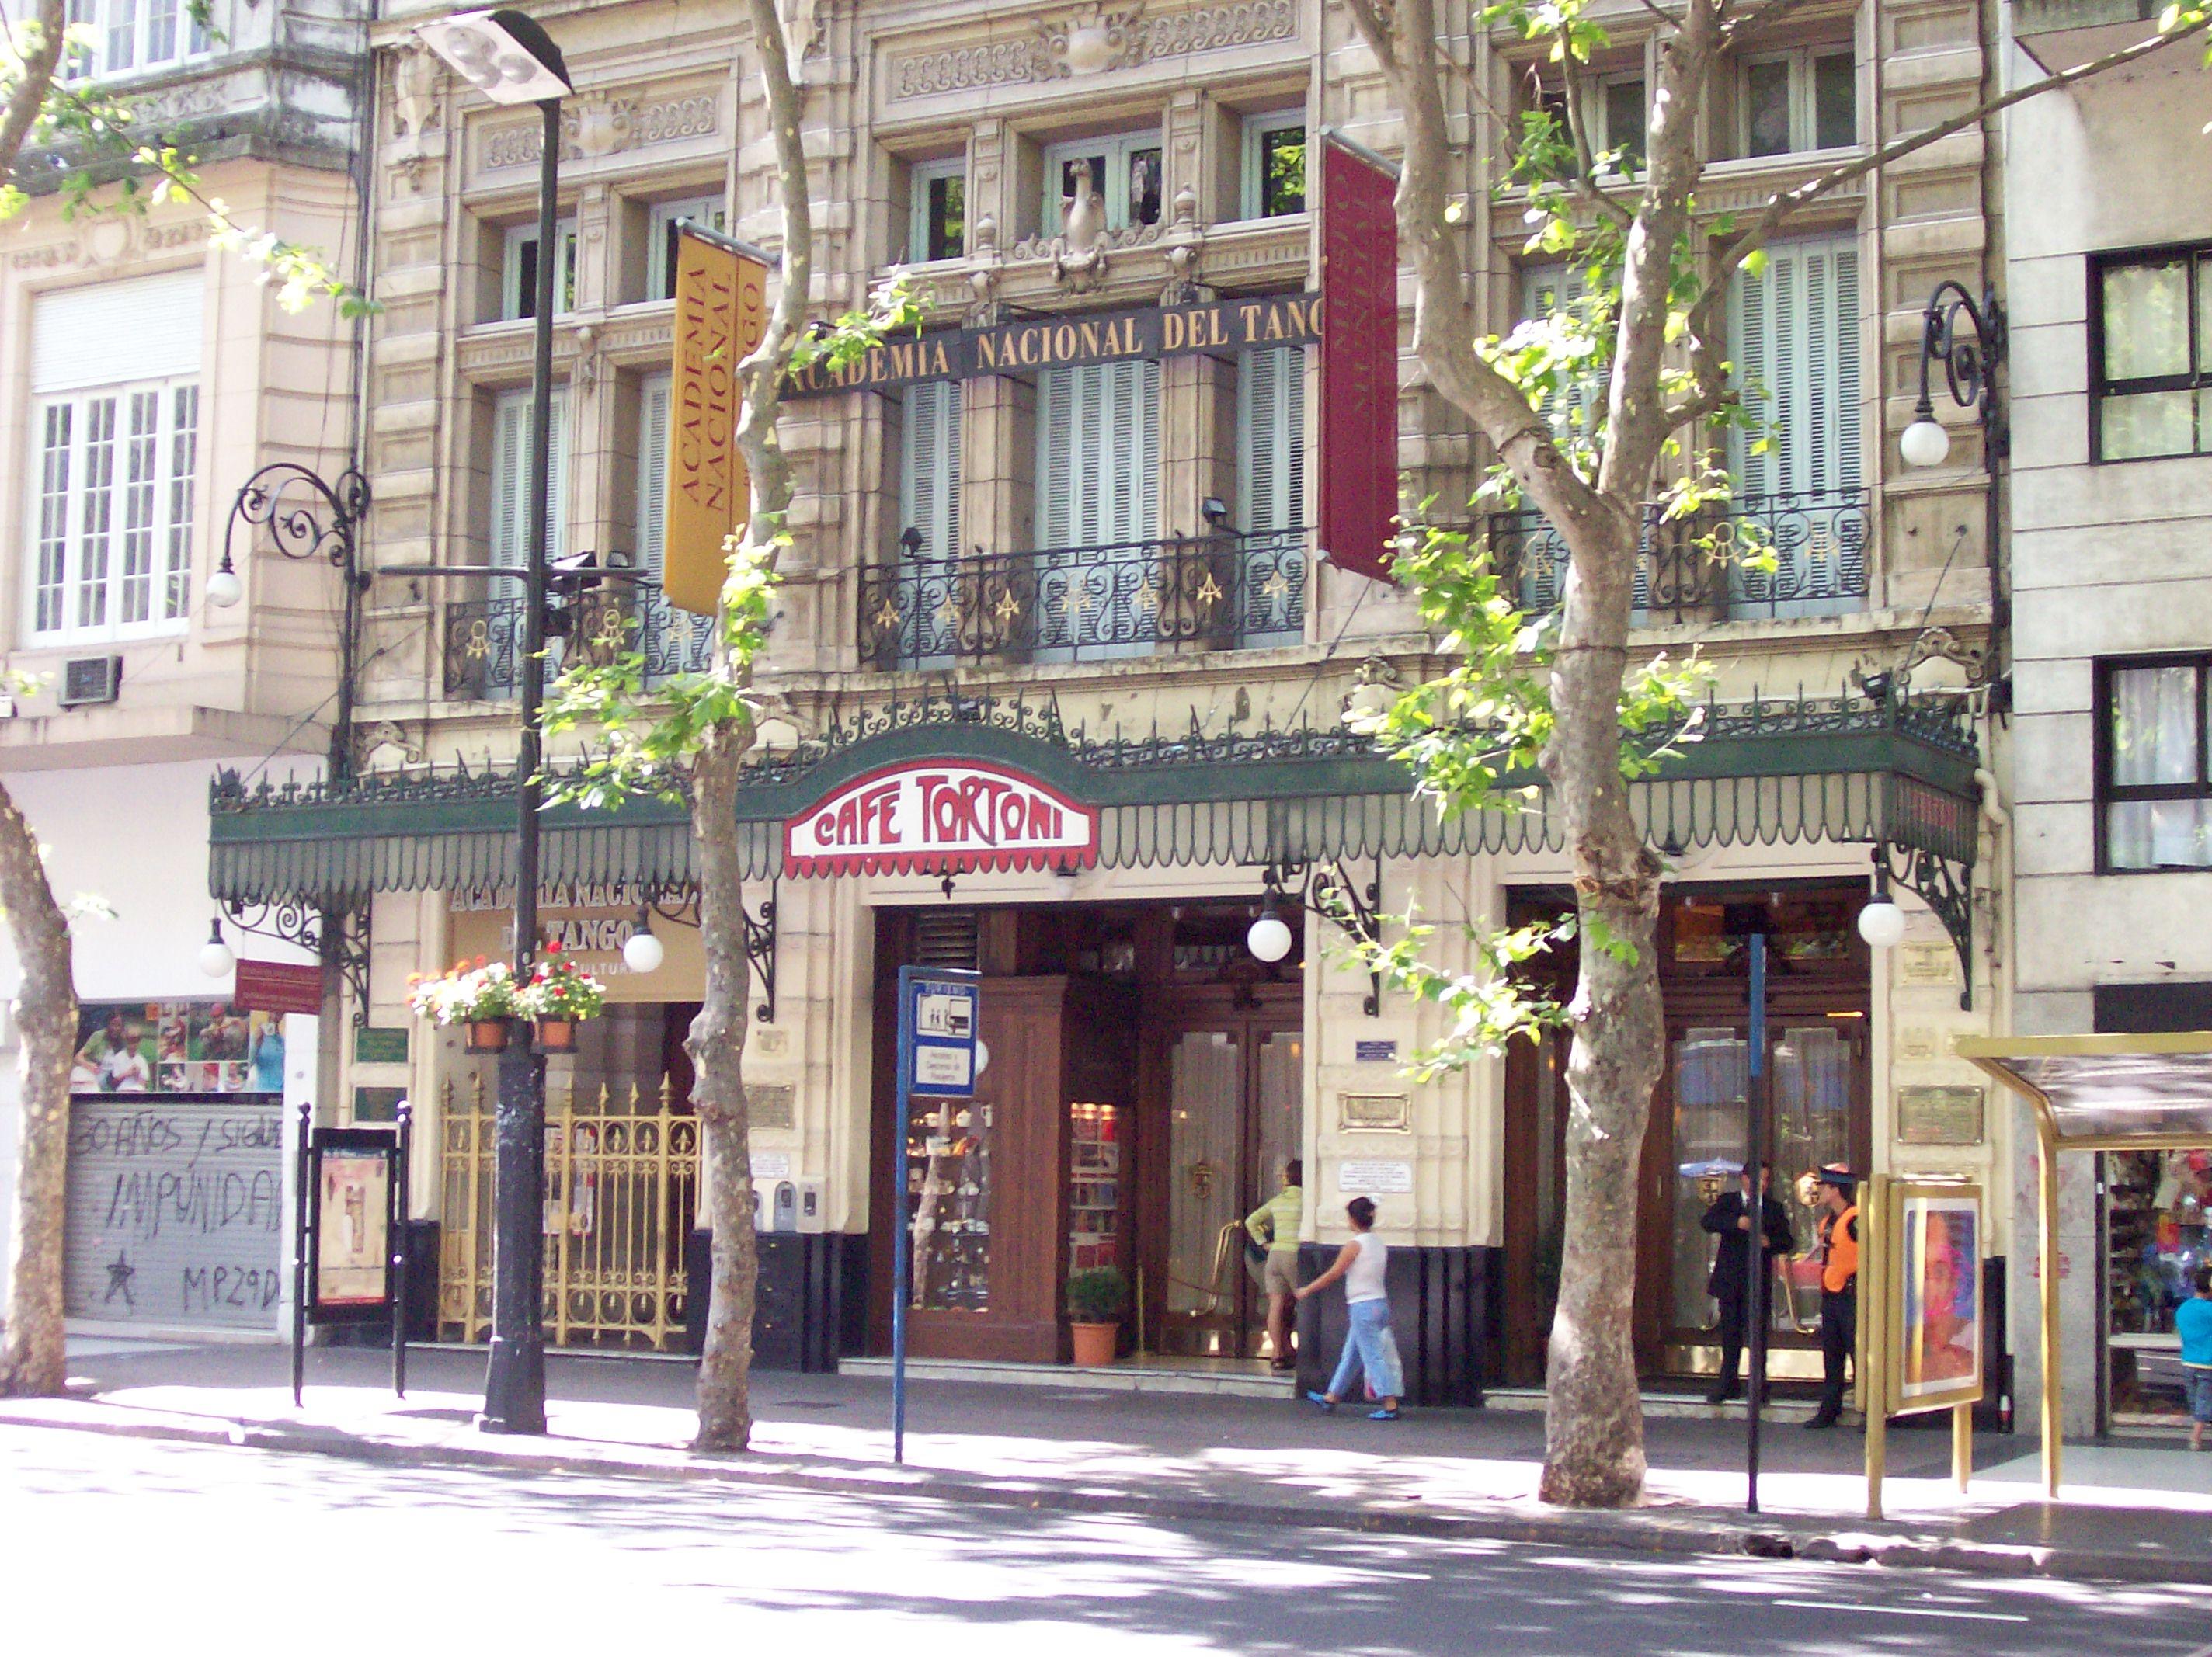 Horacio Ferrer impulsó la creación de la Academia Nacional del Tango que se concretó en 1990, presidiéndola desde entonces. Funciona en el Palacio Carlos Gardel, encima del Café Tortoni.